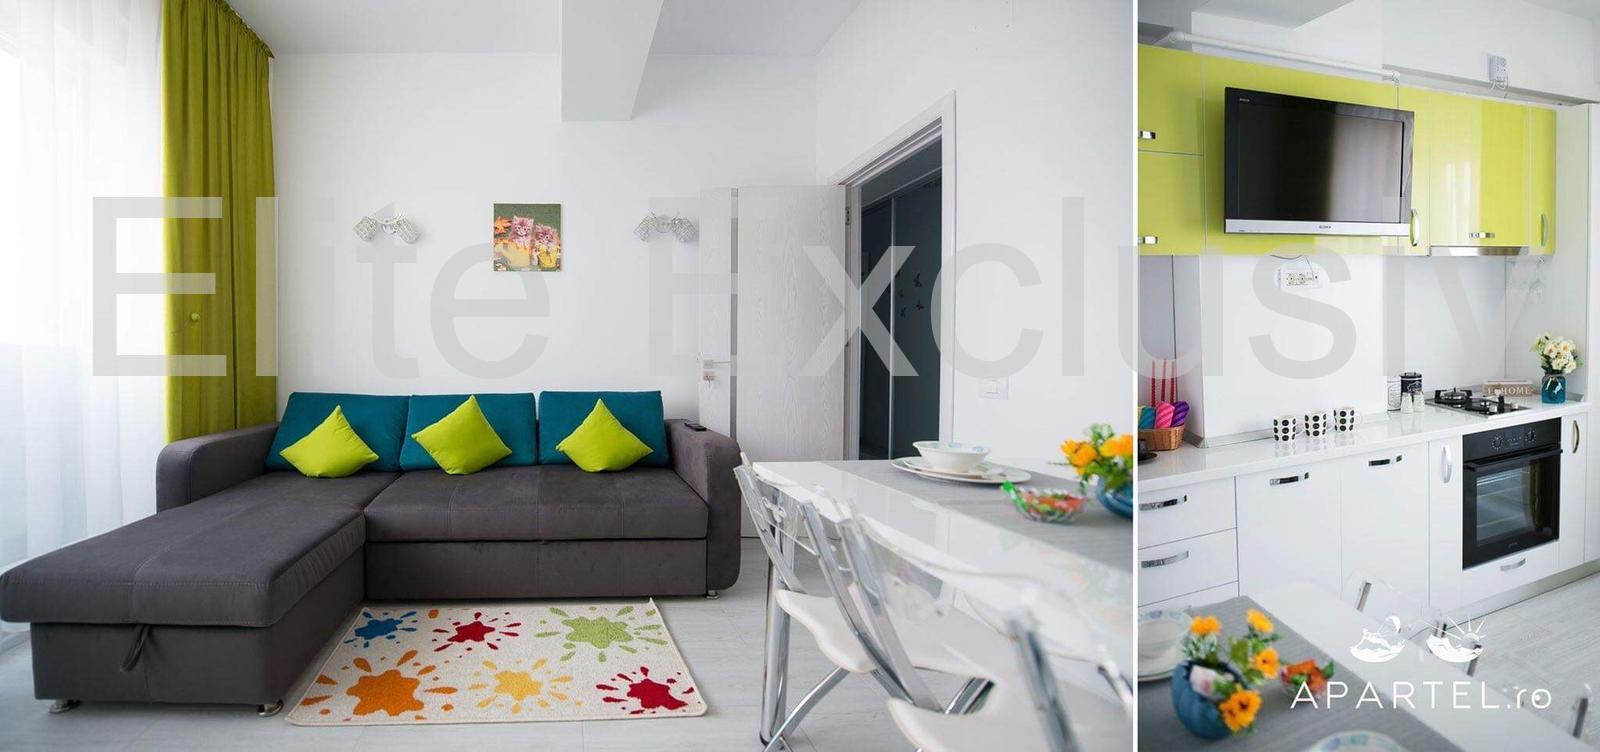 Mamaia Nord - Apartament cu 2 camere mobilat, utilat complet